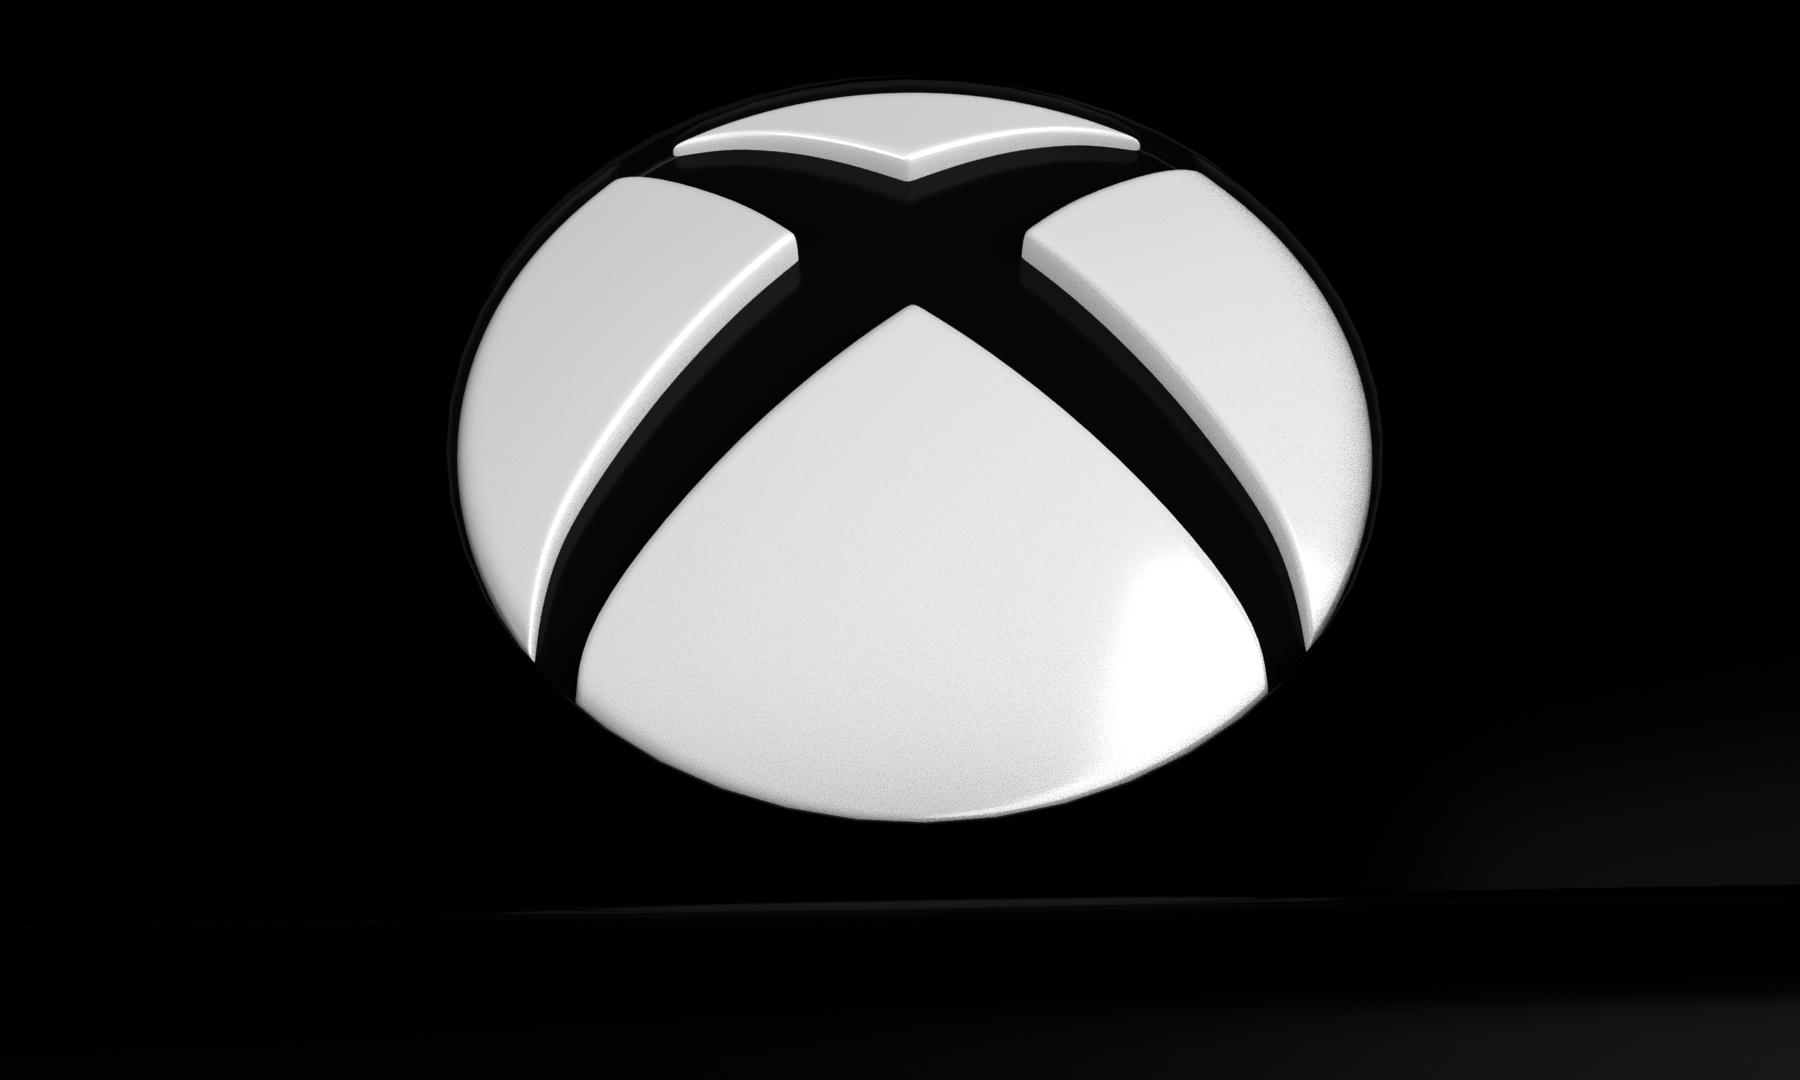 Xbox Logo Close up